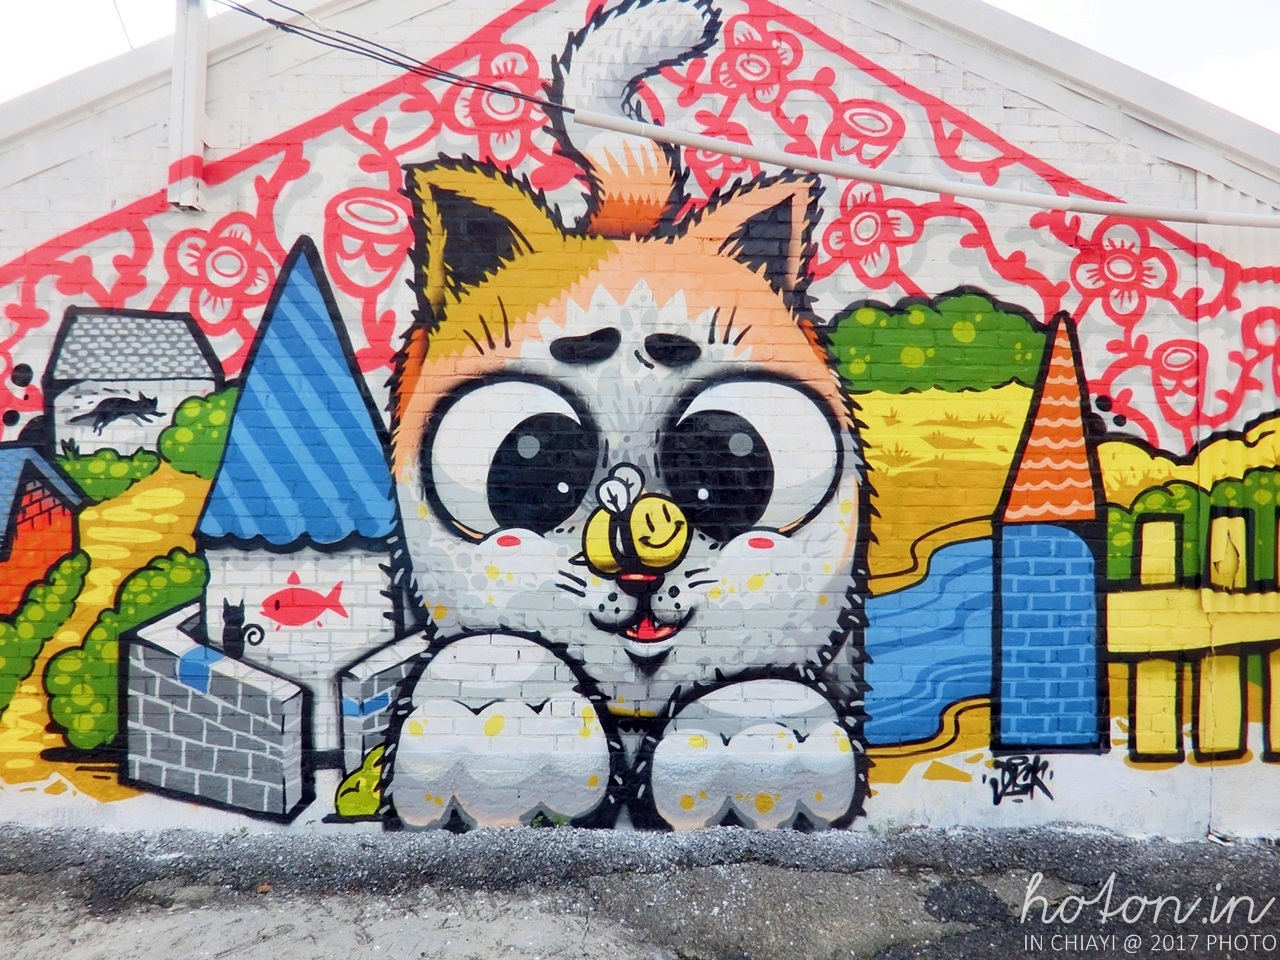 【嘉義旅遊】民雄 / 菁埔社區貓世界.嘉義最可愛的貓咪彩繪村